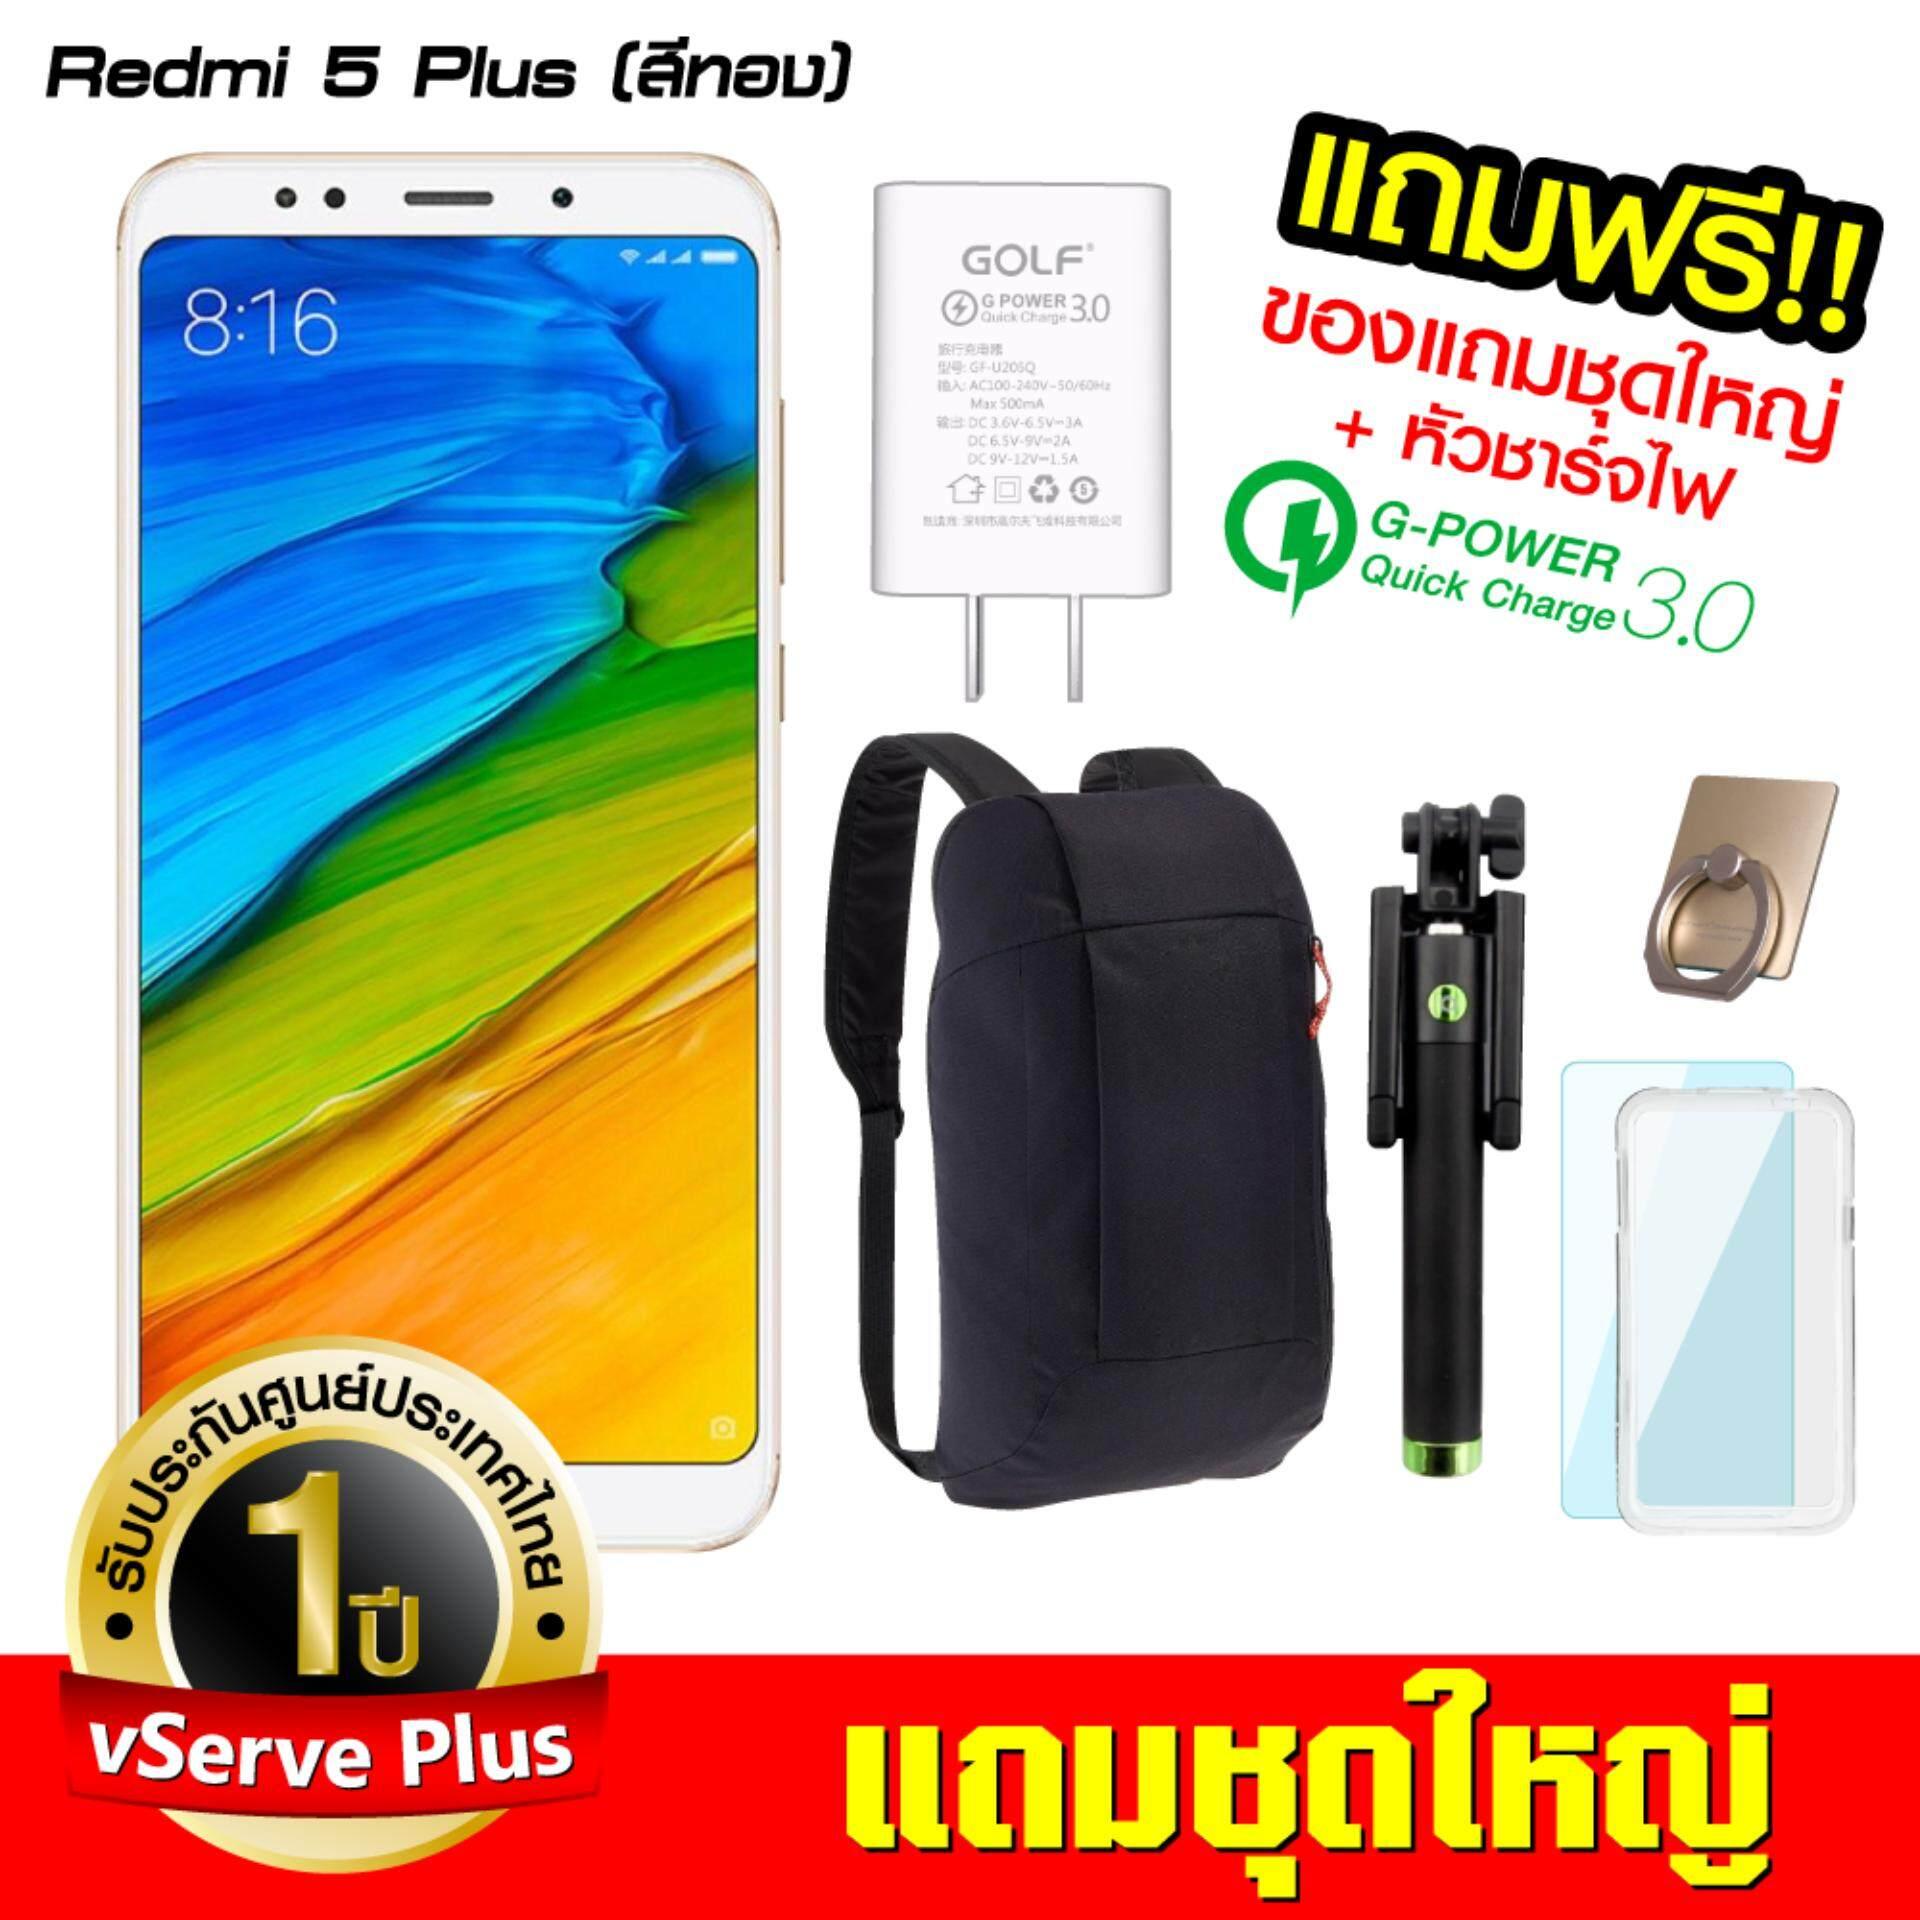 ส่วนลด Xiaomi Redmi 5 Plus 3 32Gb ฟรี ของแถมชุดใหญ่จัมโบ้เซ็ท รับประกันศูนย์ไทย 1 ปีเต็ม กรุงเทพมหานคร